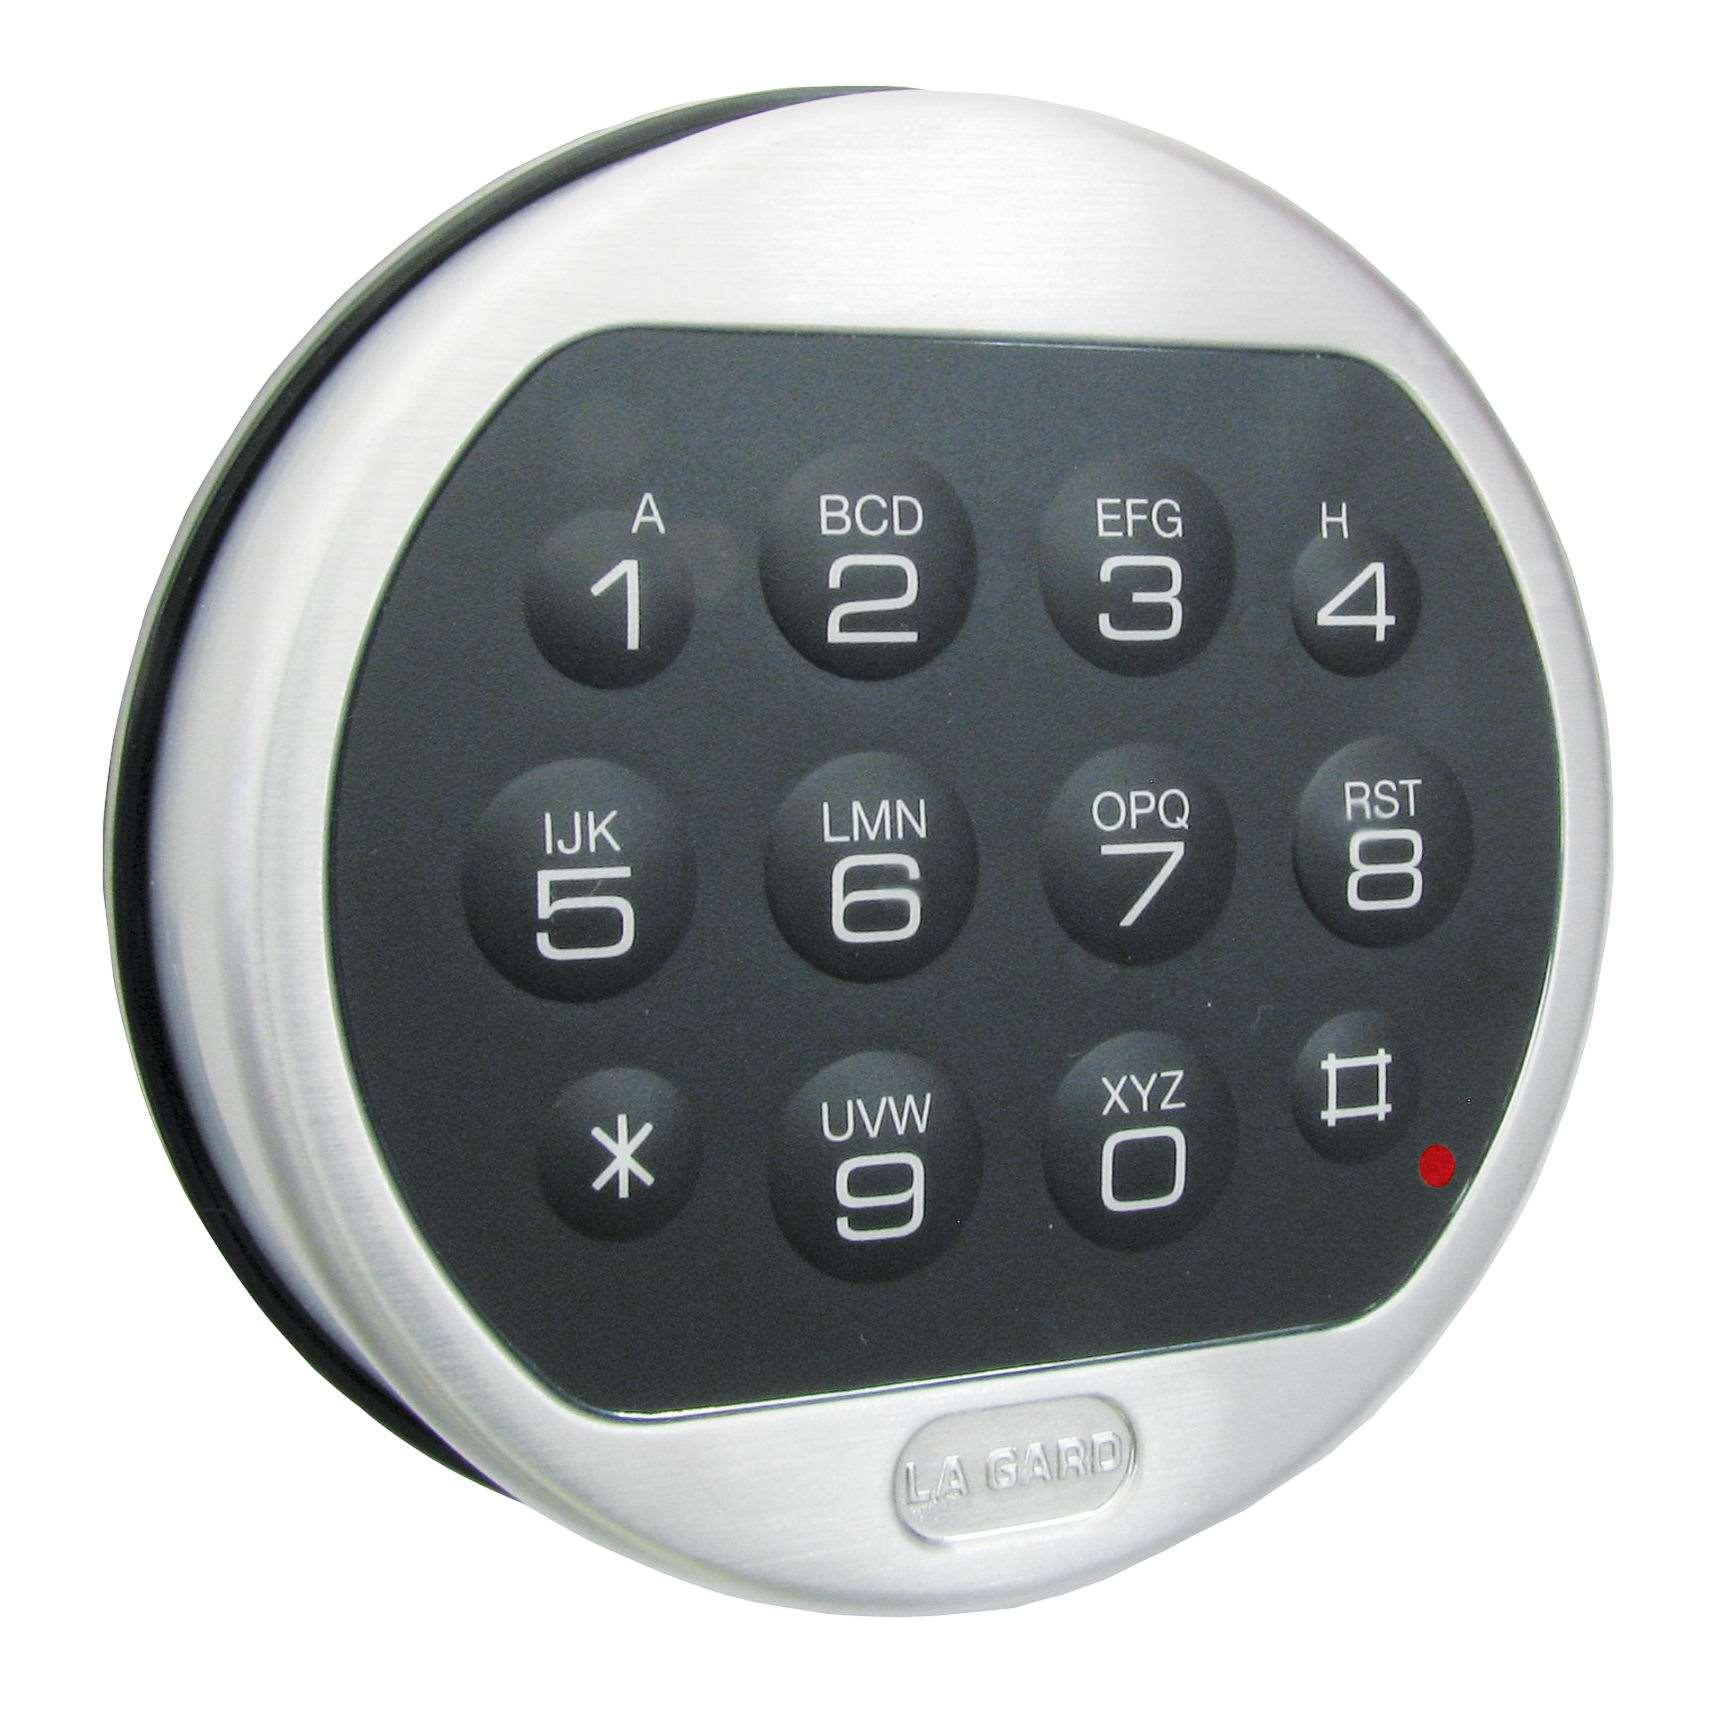 La Gard Basic Electronic Combination Safe Lock Gokeyless